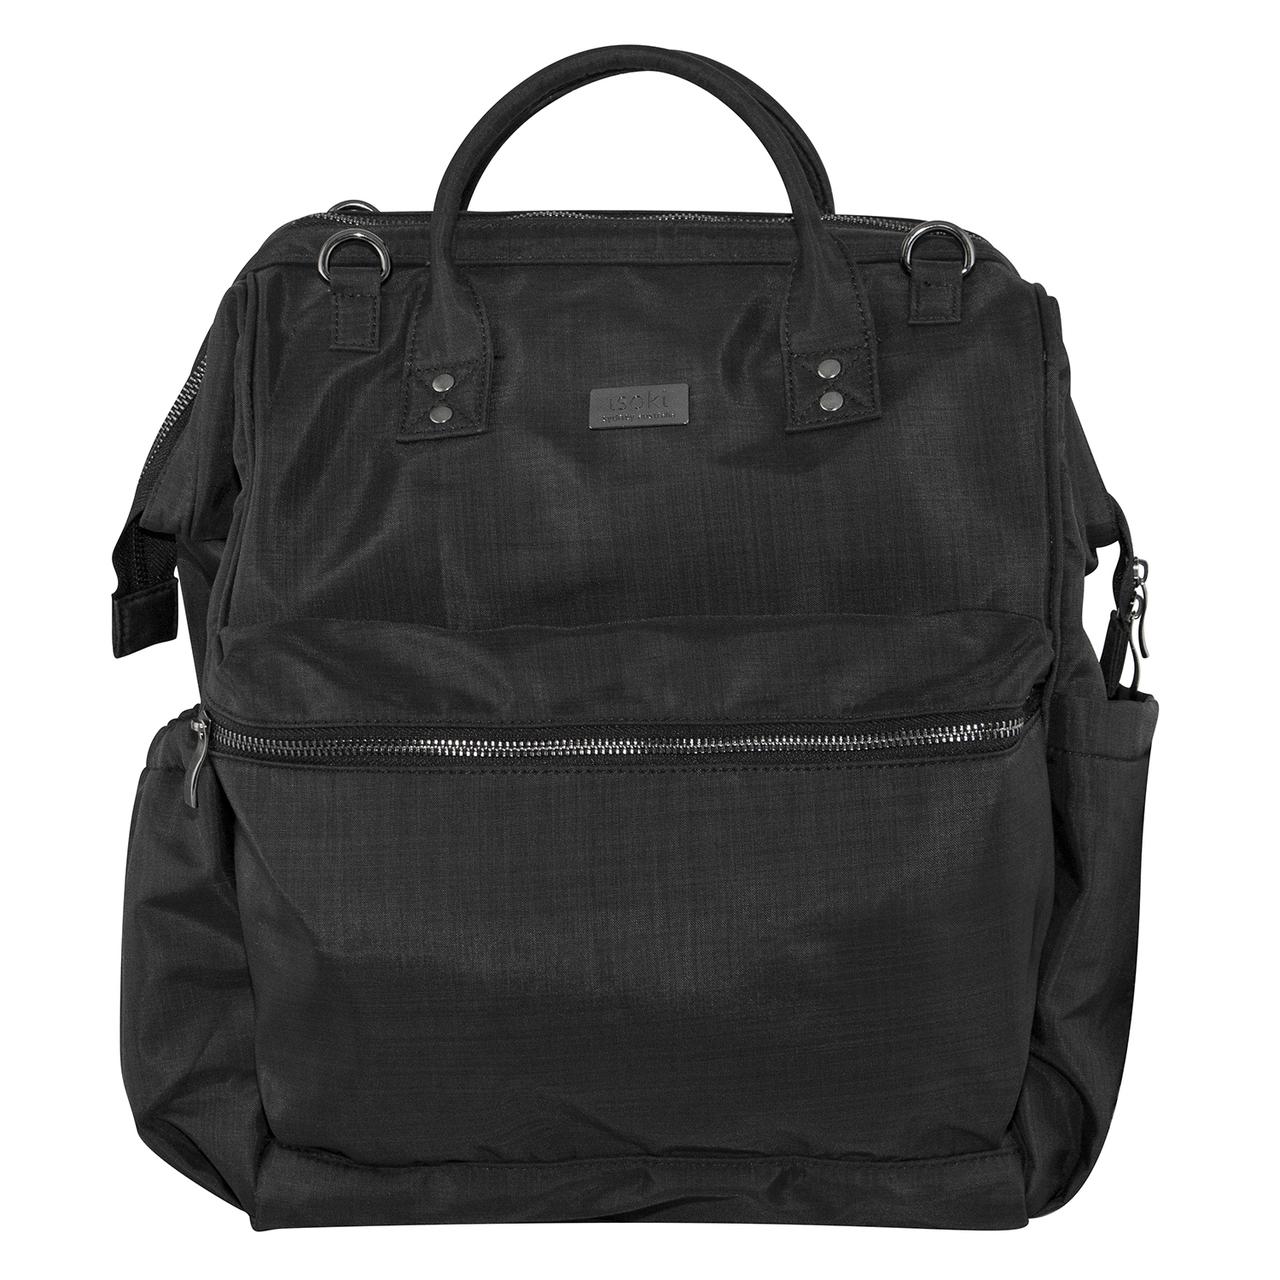 Isoki: Nappy Bag Byron XL Backpack - Black Nylon image